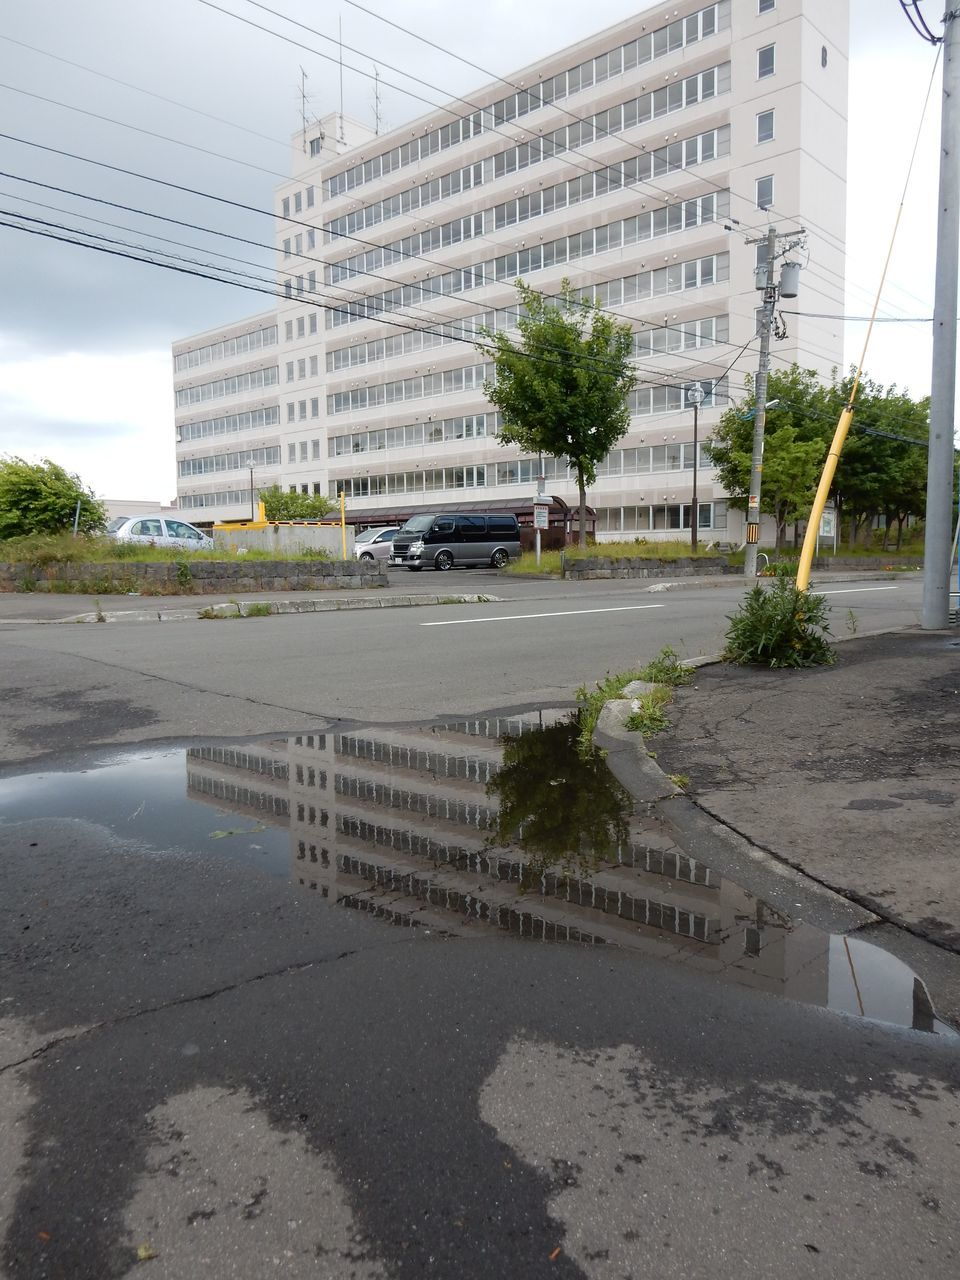 雨に逃げられた(?)夏至_c0025115_21564155.jpg